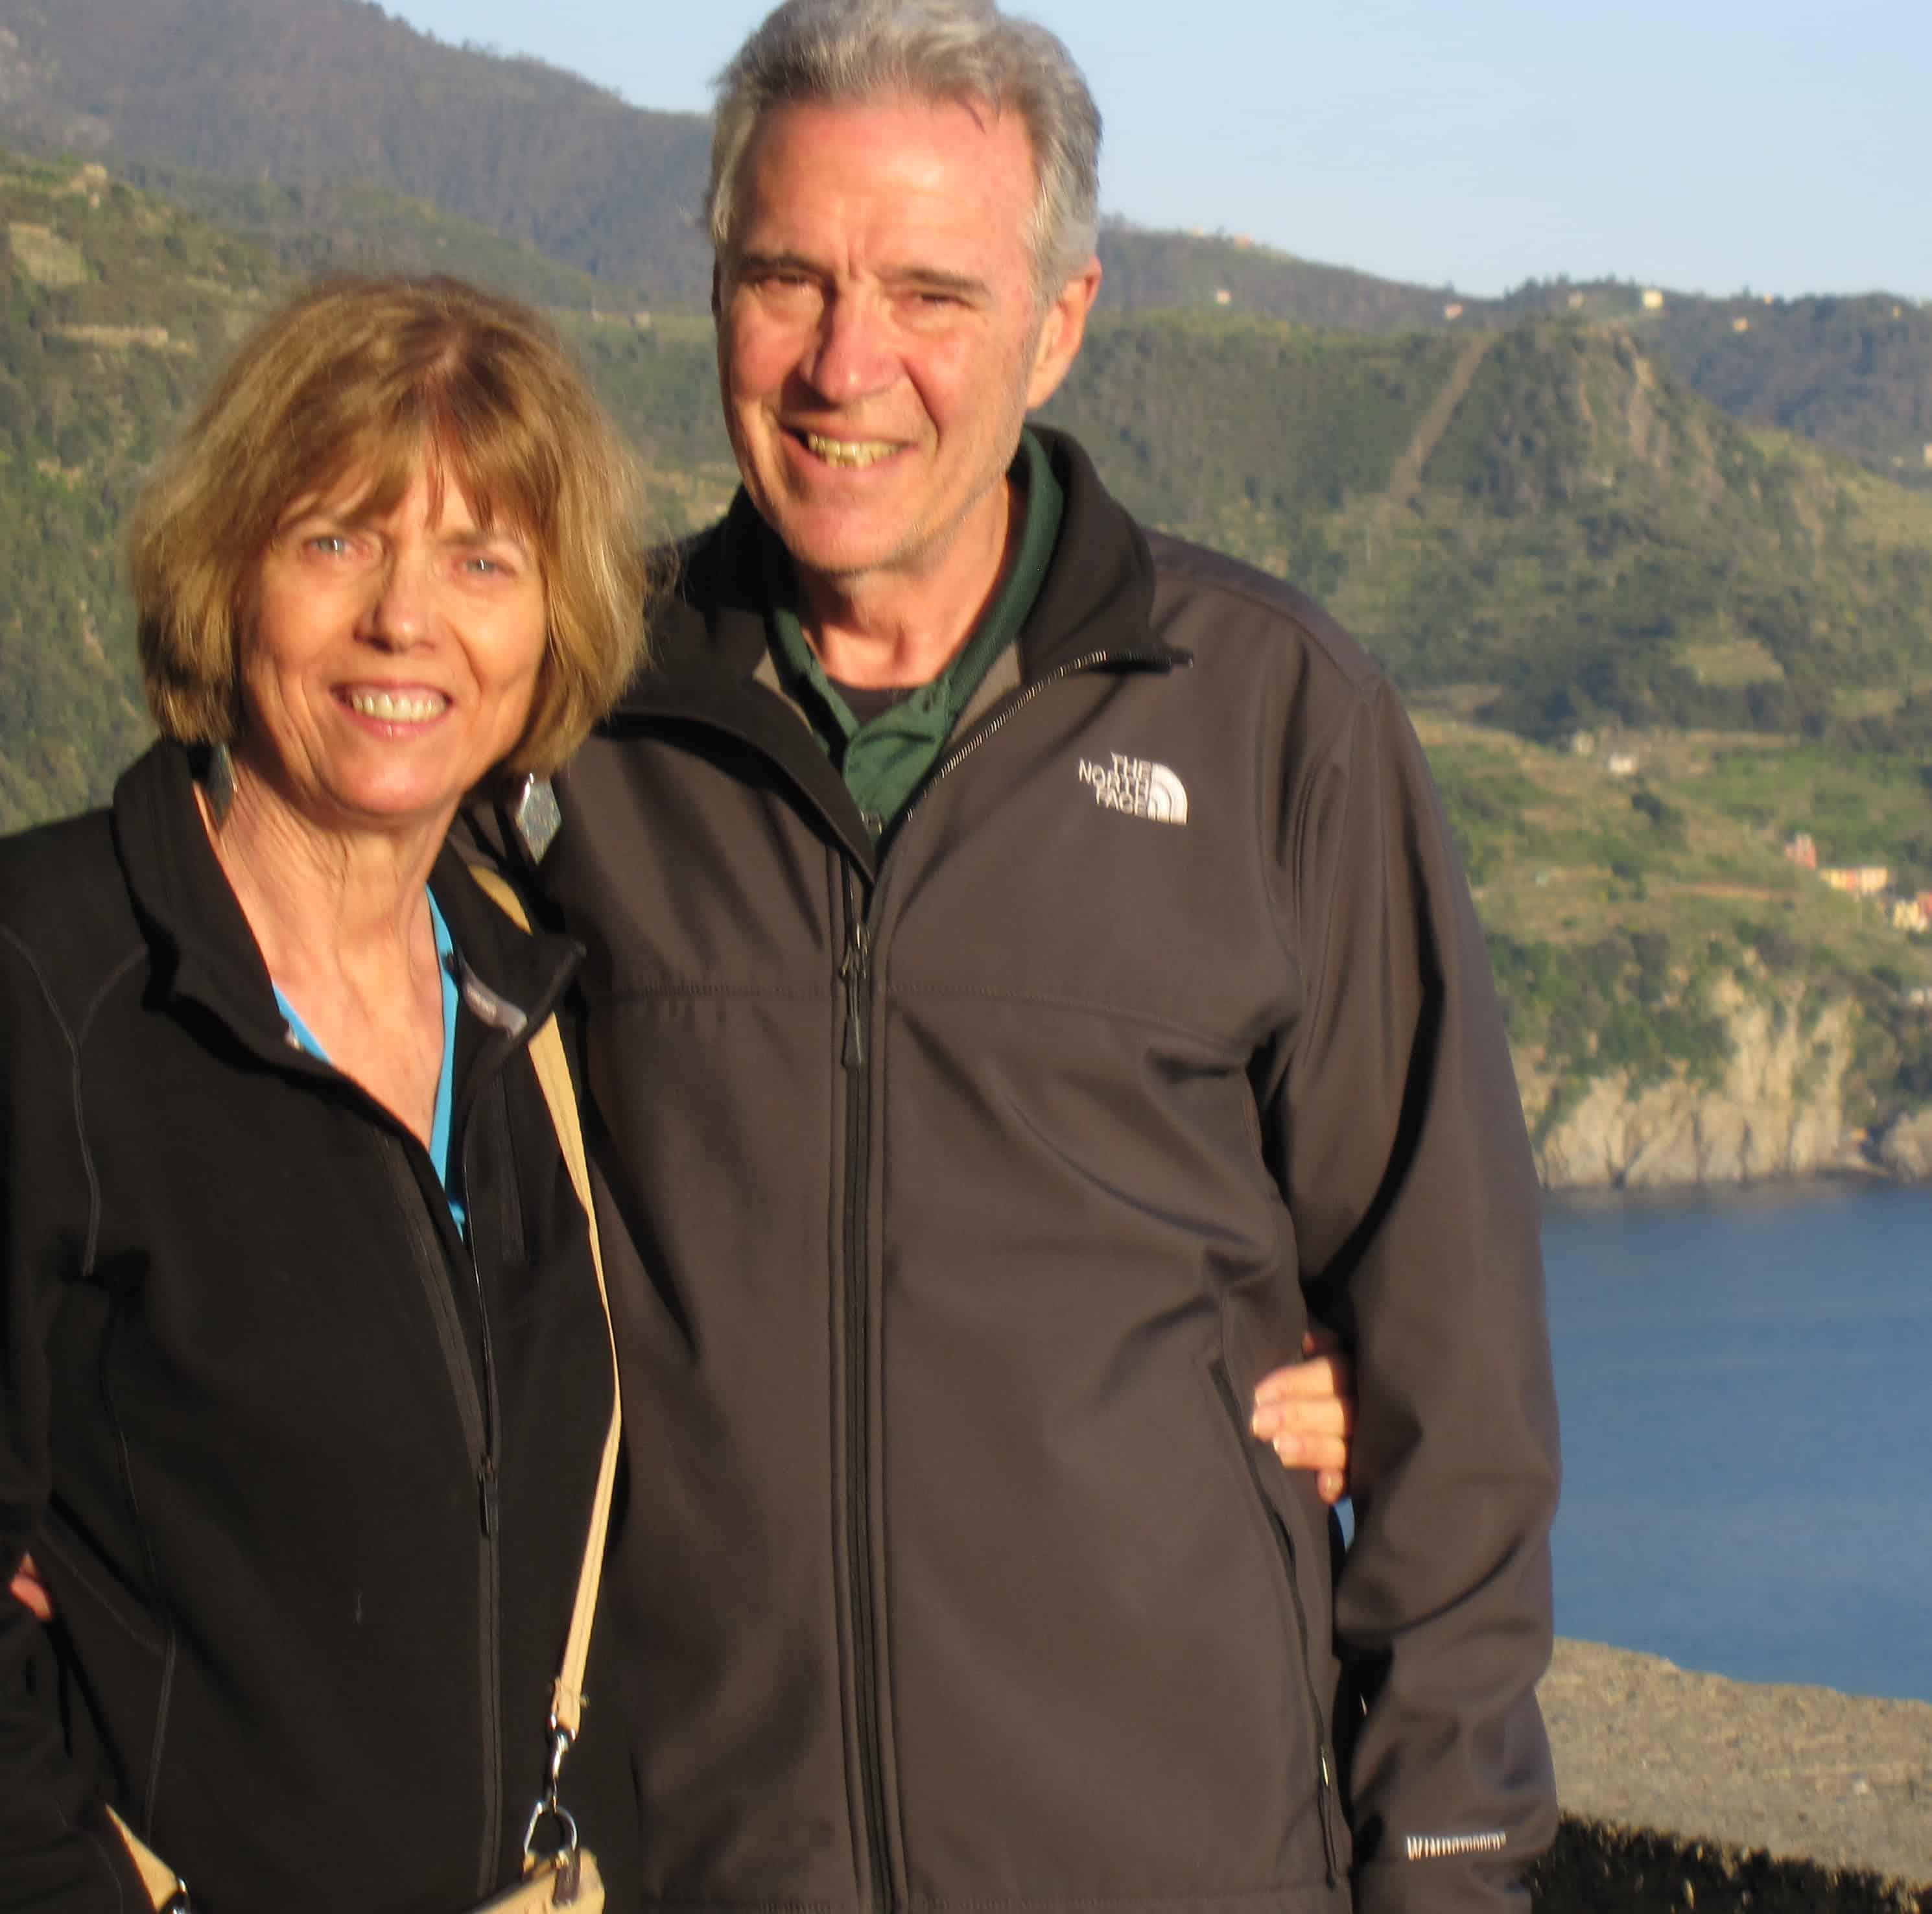 Lori and Bill